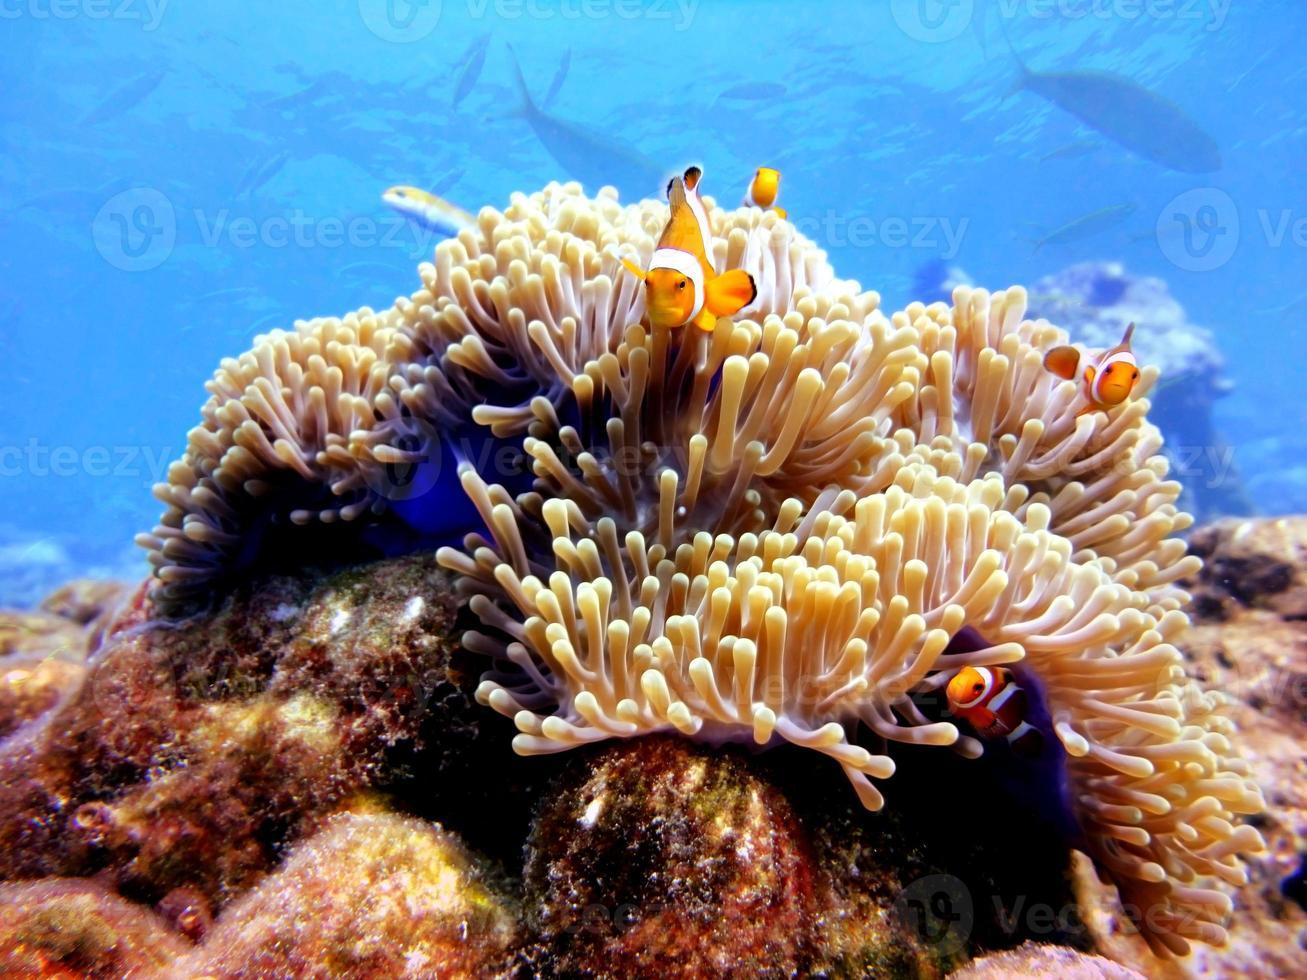 Familienclown Anemonenfisch foto